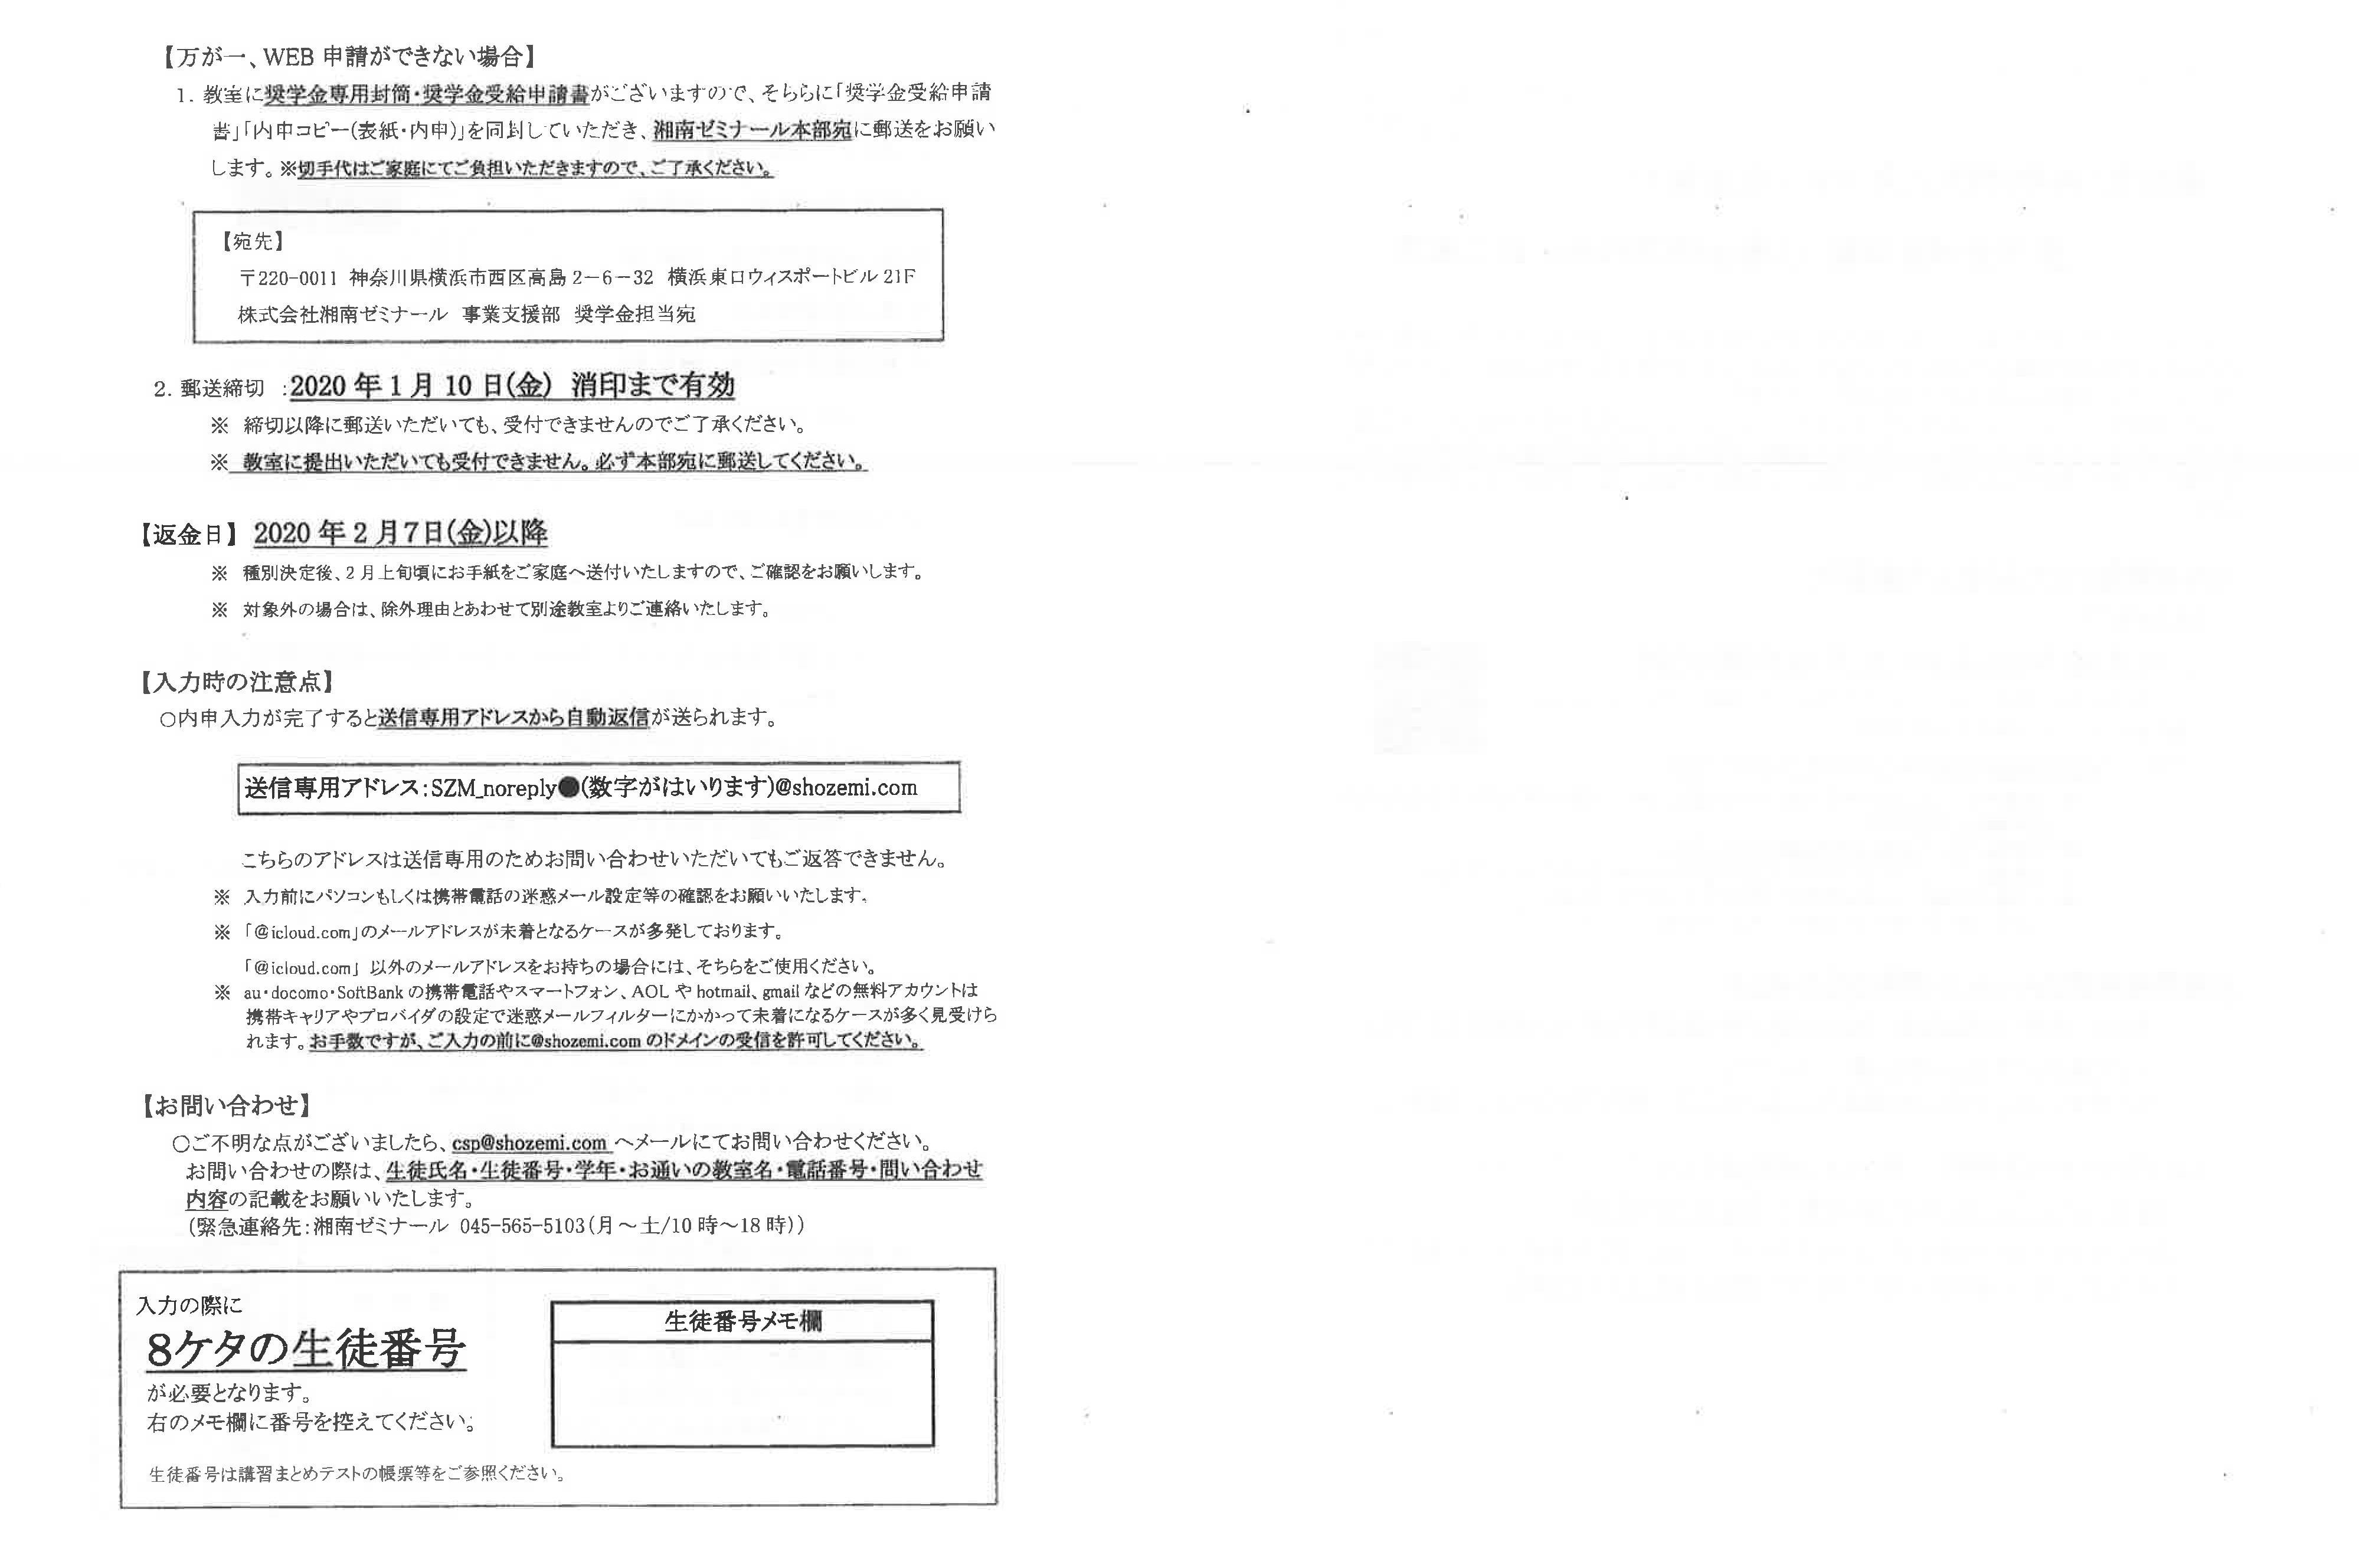 ゼミナール web 湘南